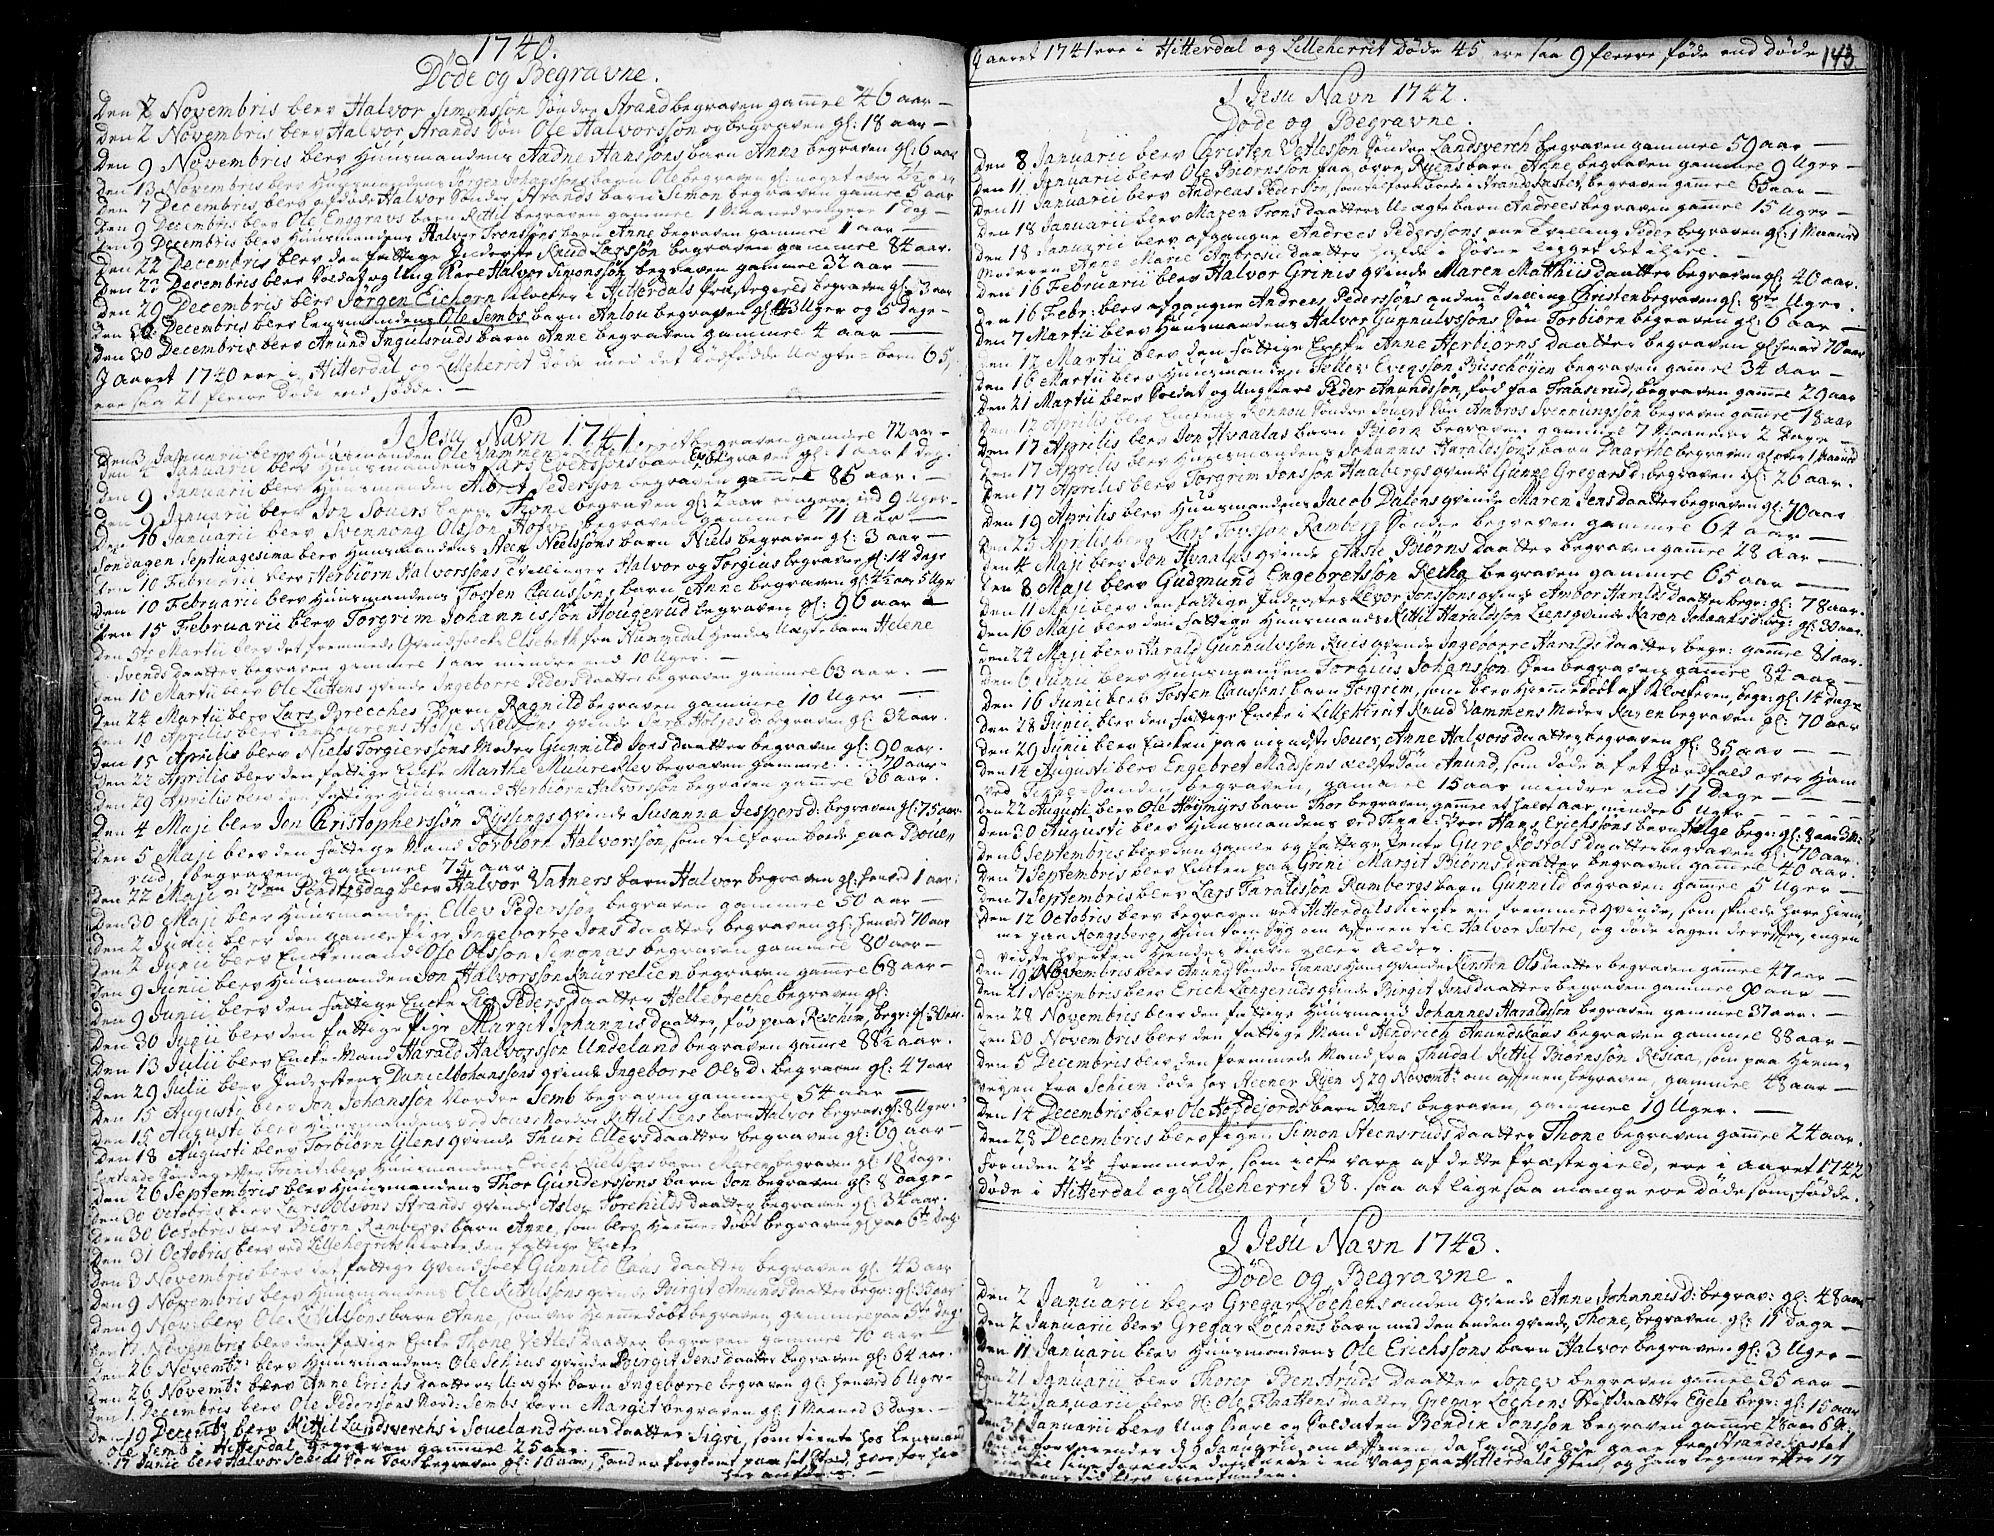 SAKO, Heddal kirkebøker, F/Fa/L0003: Ministerialbok nr. I 3, 1723-1783, s. 143